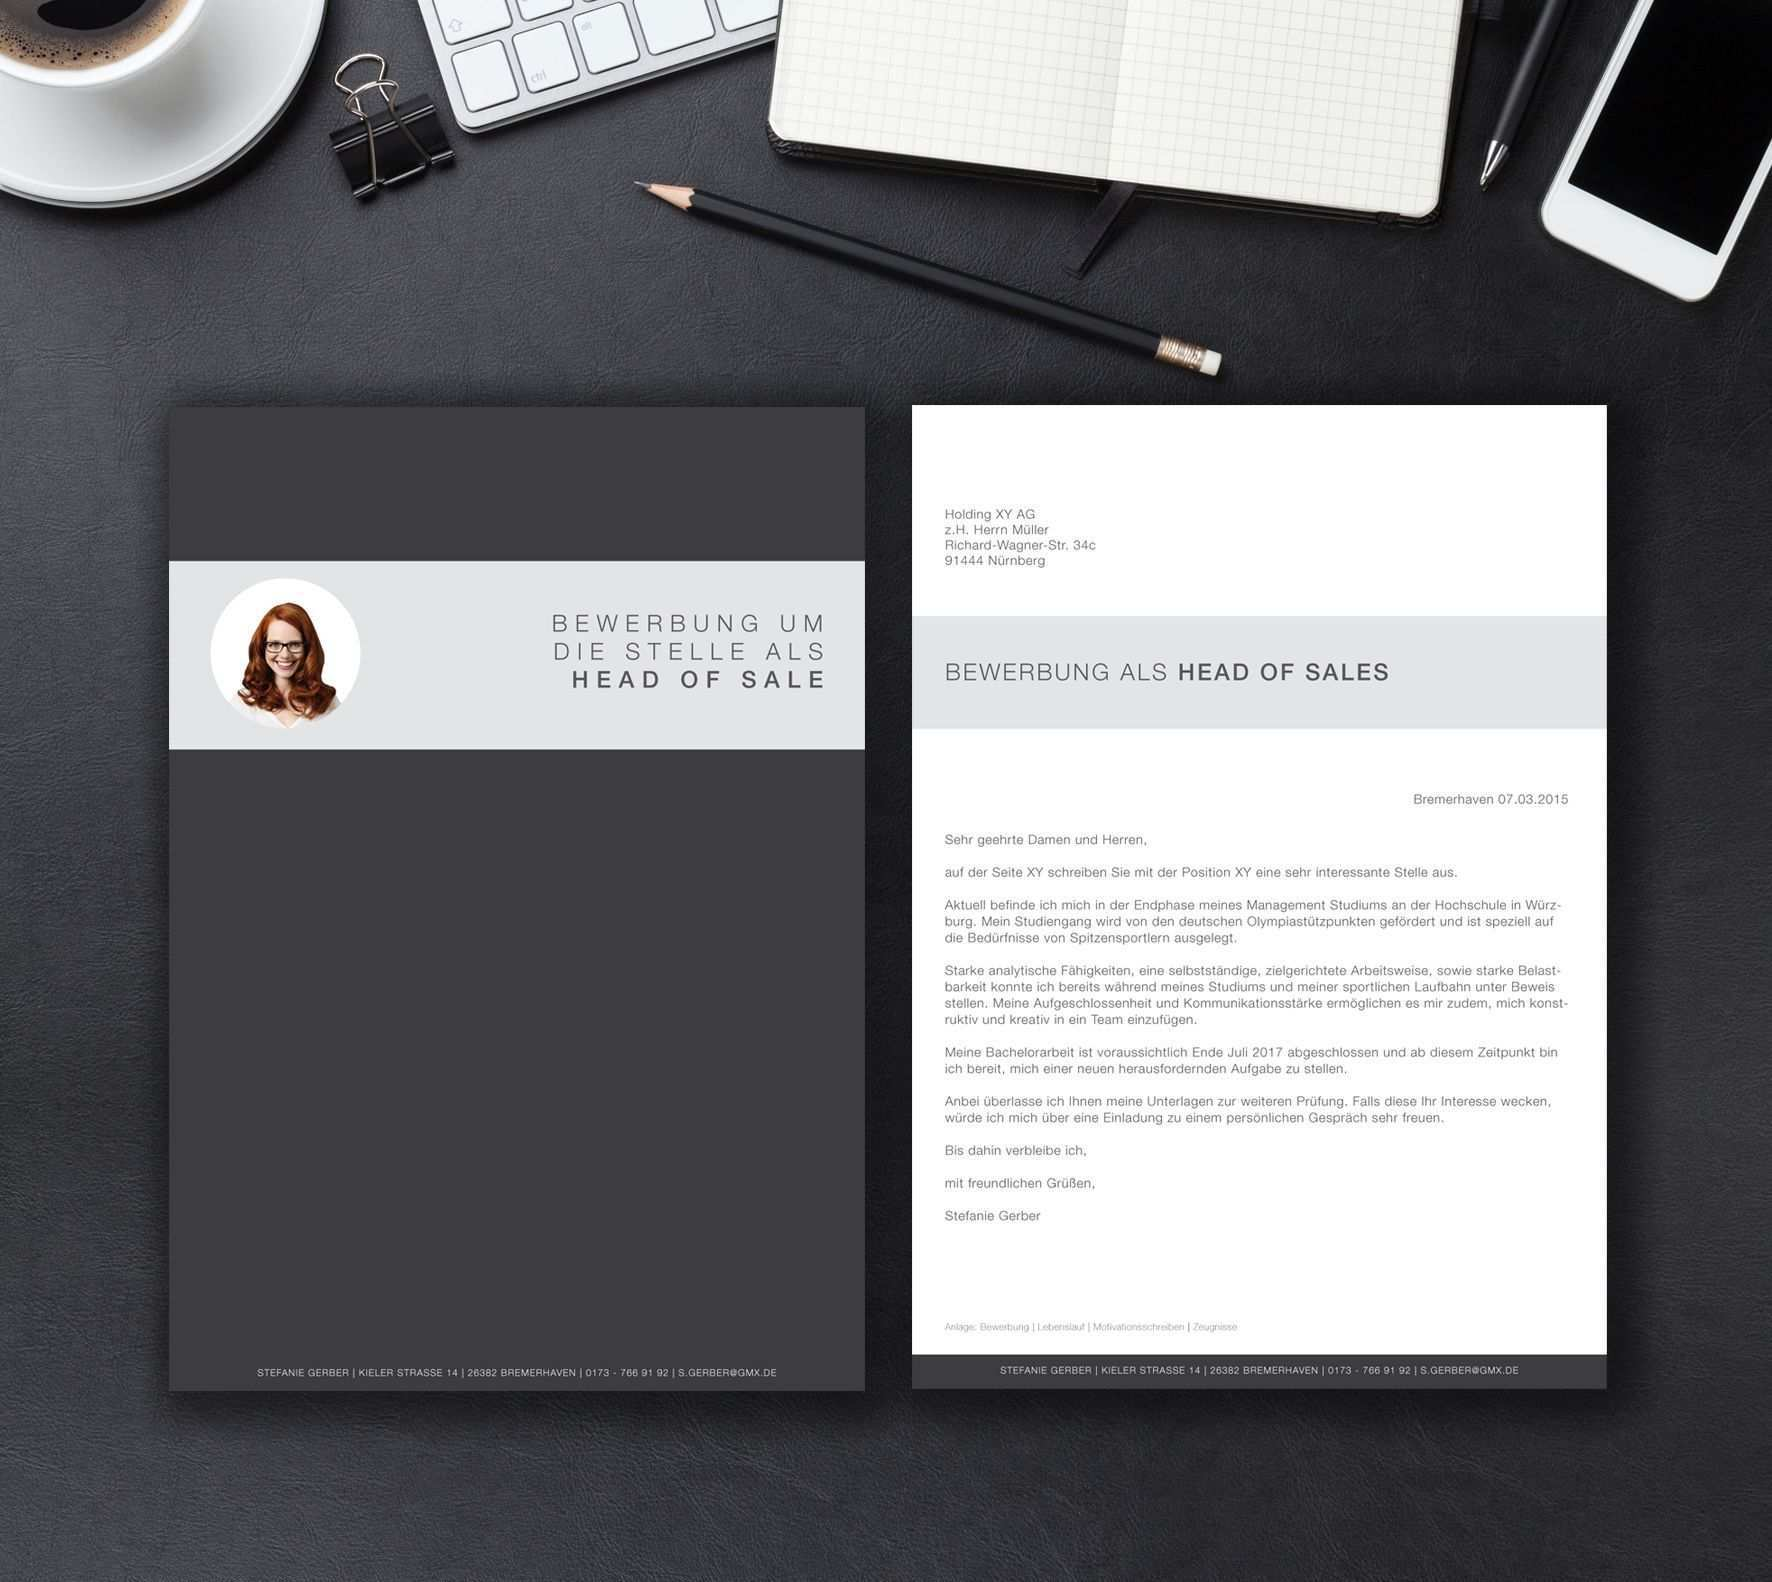 Unsere Bewerbungsvorlage Bewerbung Deckblatt Vorlage Kreative Lebenslauf Cv Word Kreativ Vorlagen Layout Muster Bewerbu In 2020 Creative Cv Resume Design Typo Design